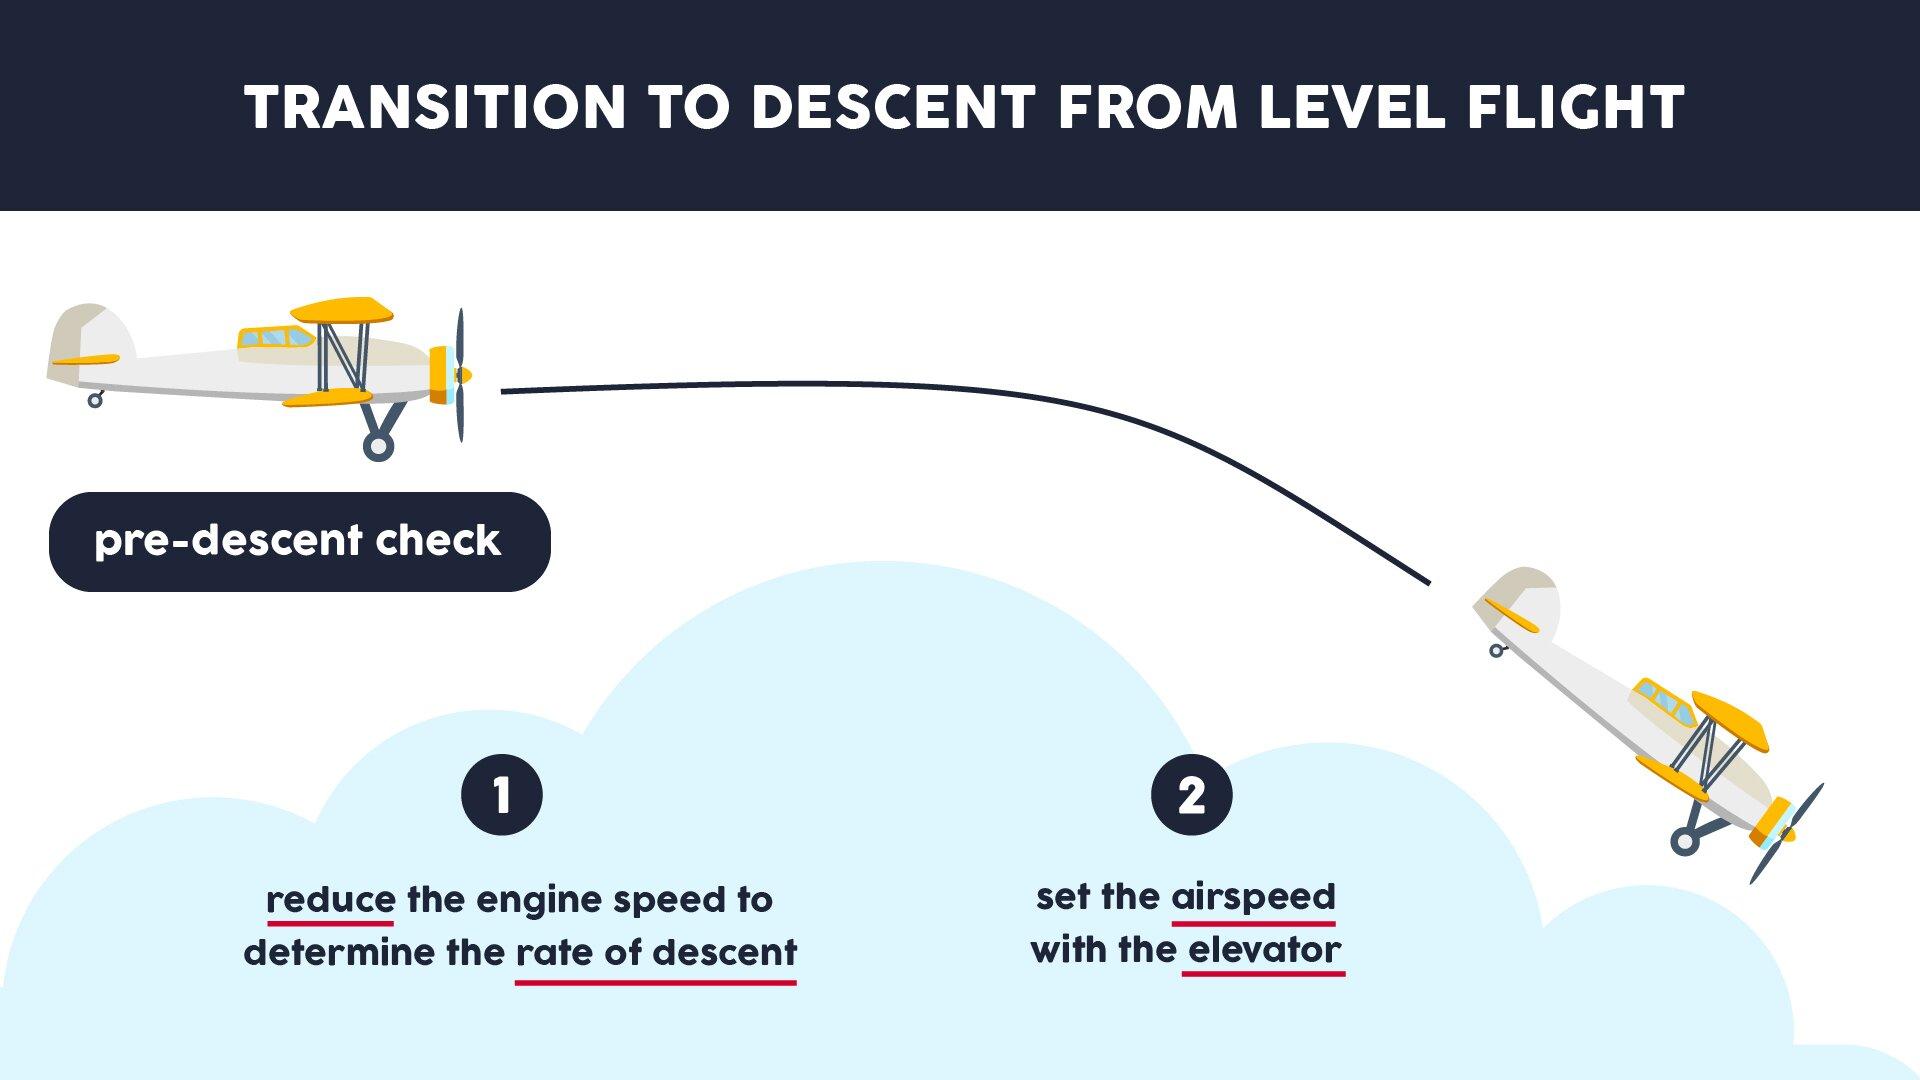 The image presents the transition to descent from level flight. Grafika przedstawia przejście zlotu poziomego na zniżanie.